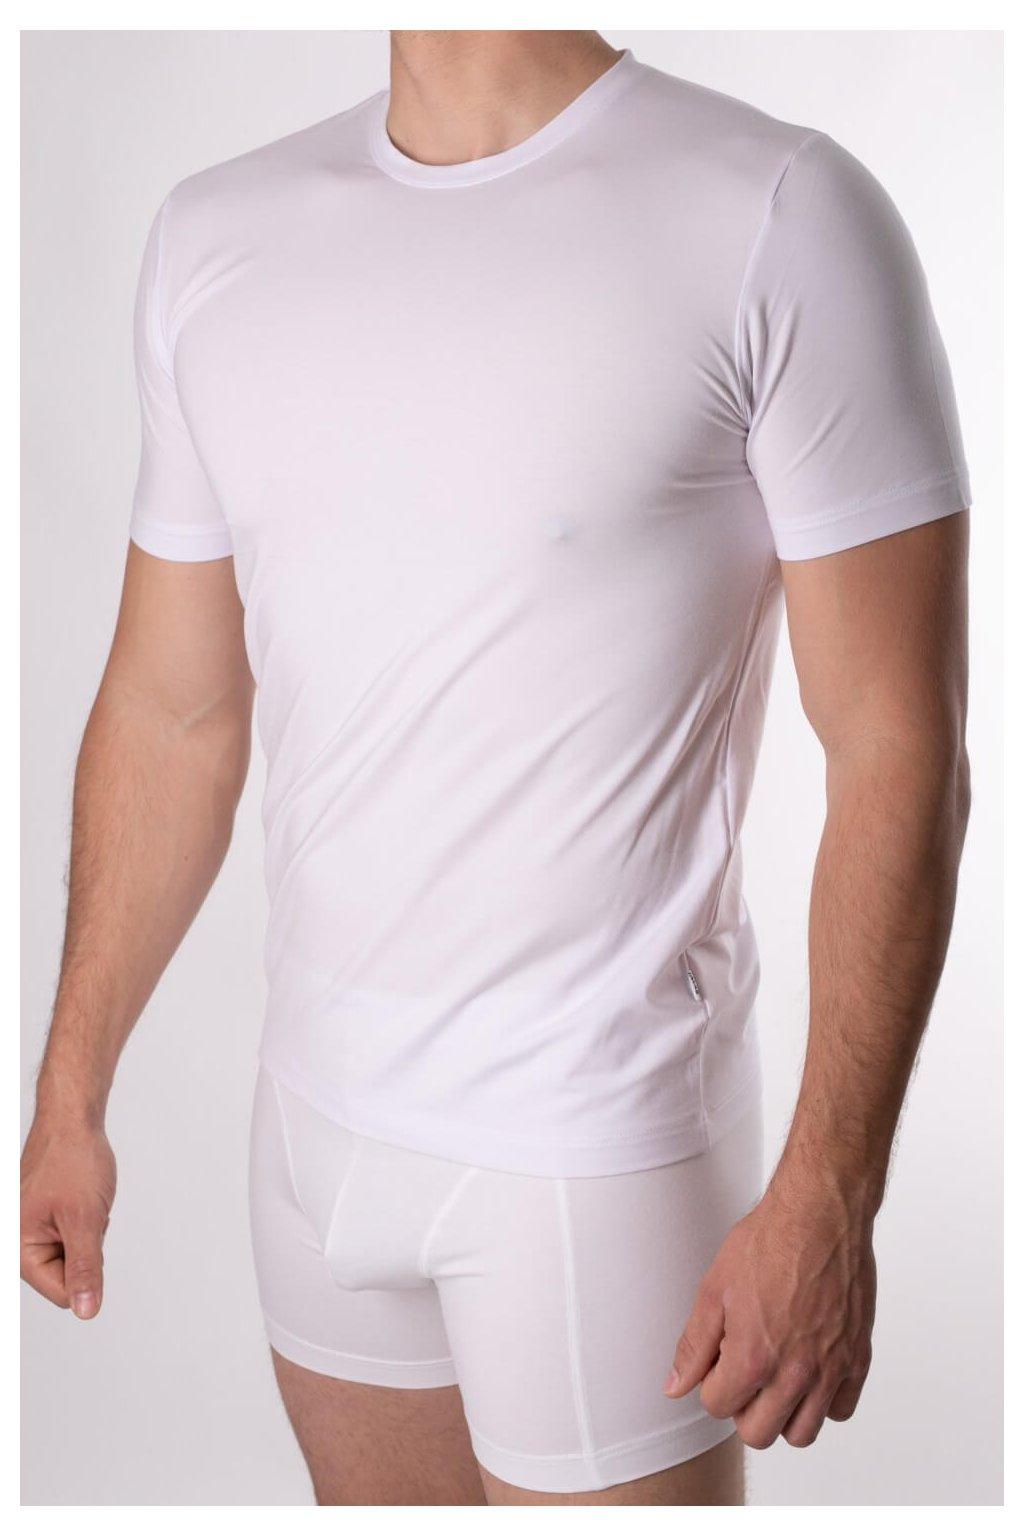 biele tričko s guľatým výstrihom